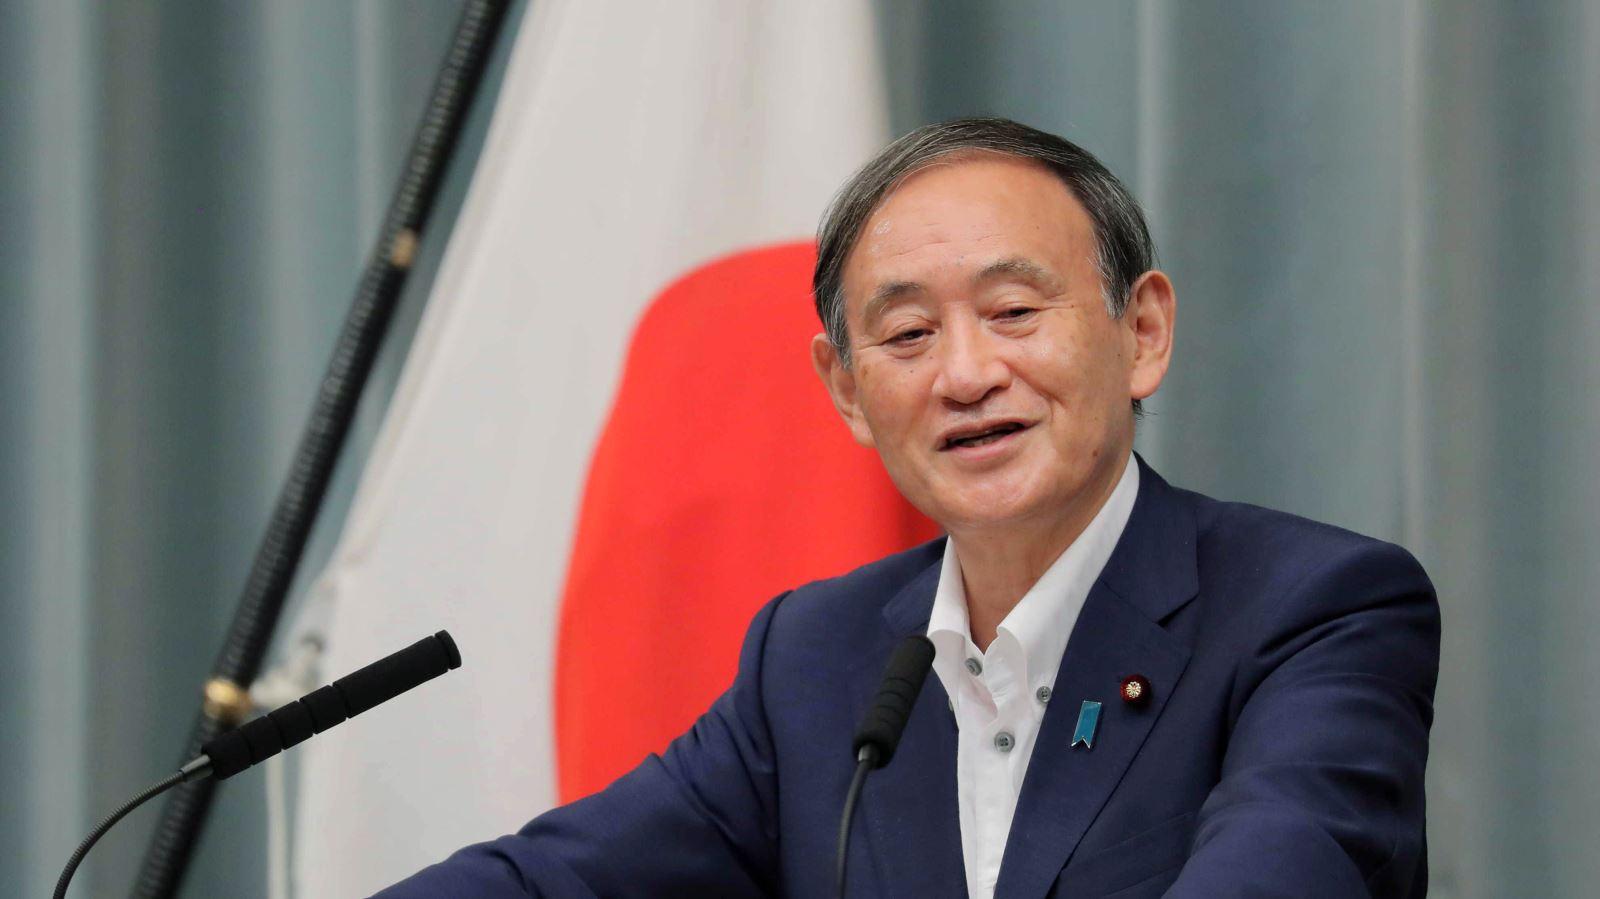 Lý do Thủ tướng Nhật Bản Suga Yoshihide chọn Việt Nam là điểm đến trong chuyến công du nước ngoài đầu tiên